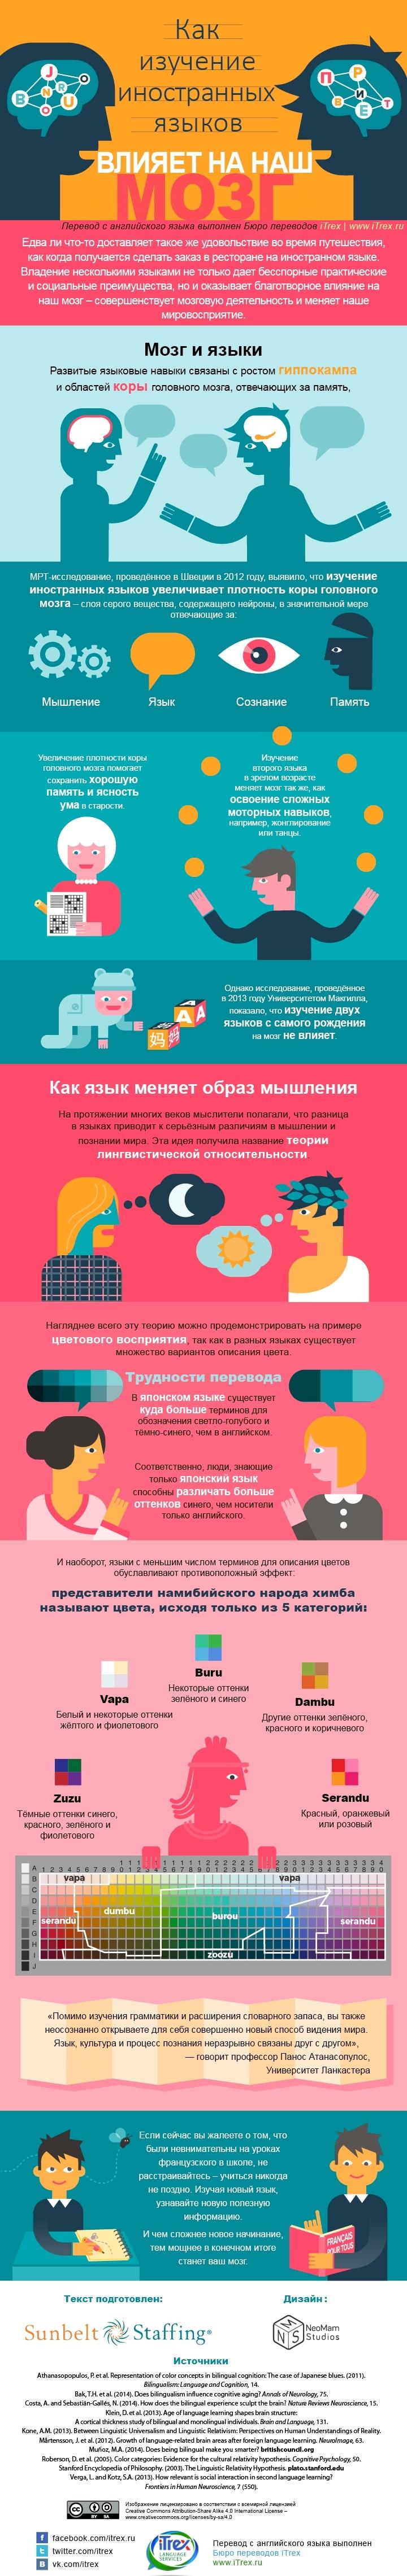 инфографика: как изучение иностранных языков влияет на наш мозг